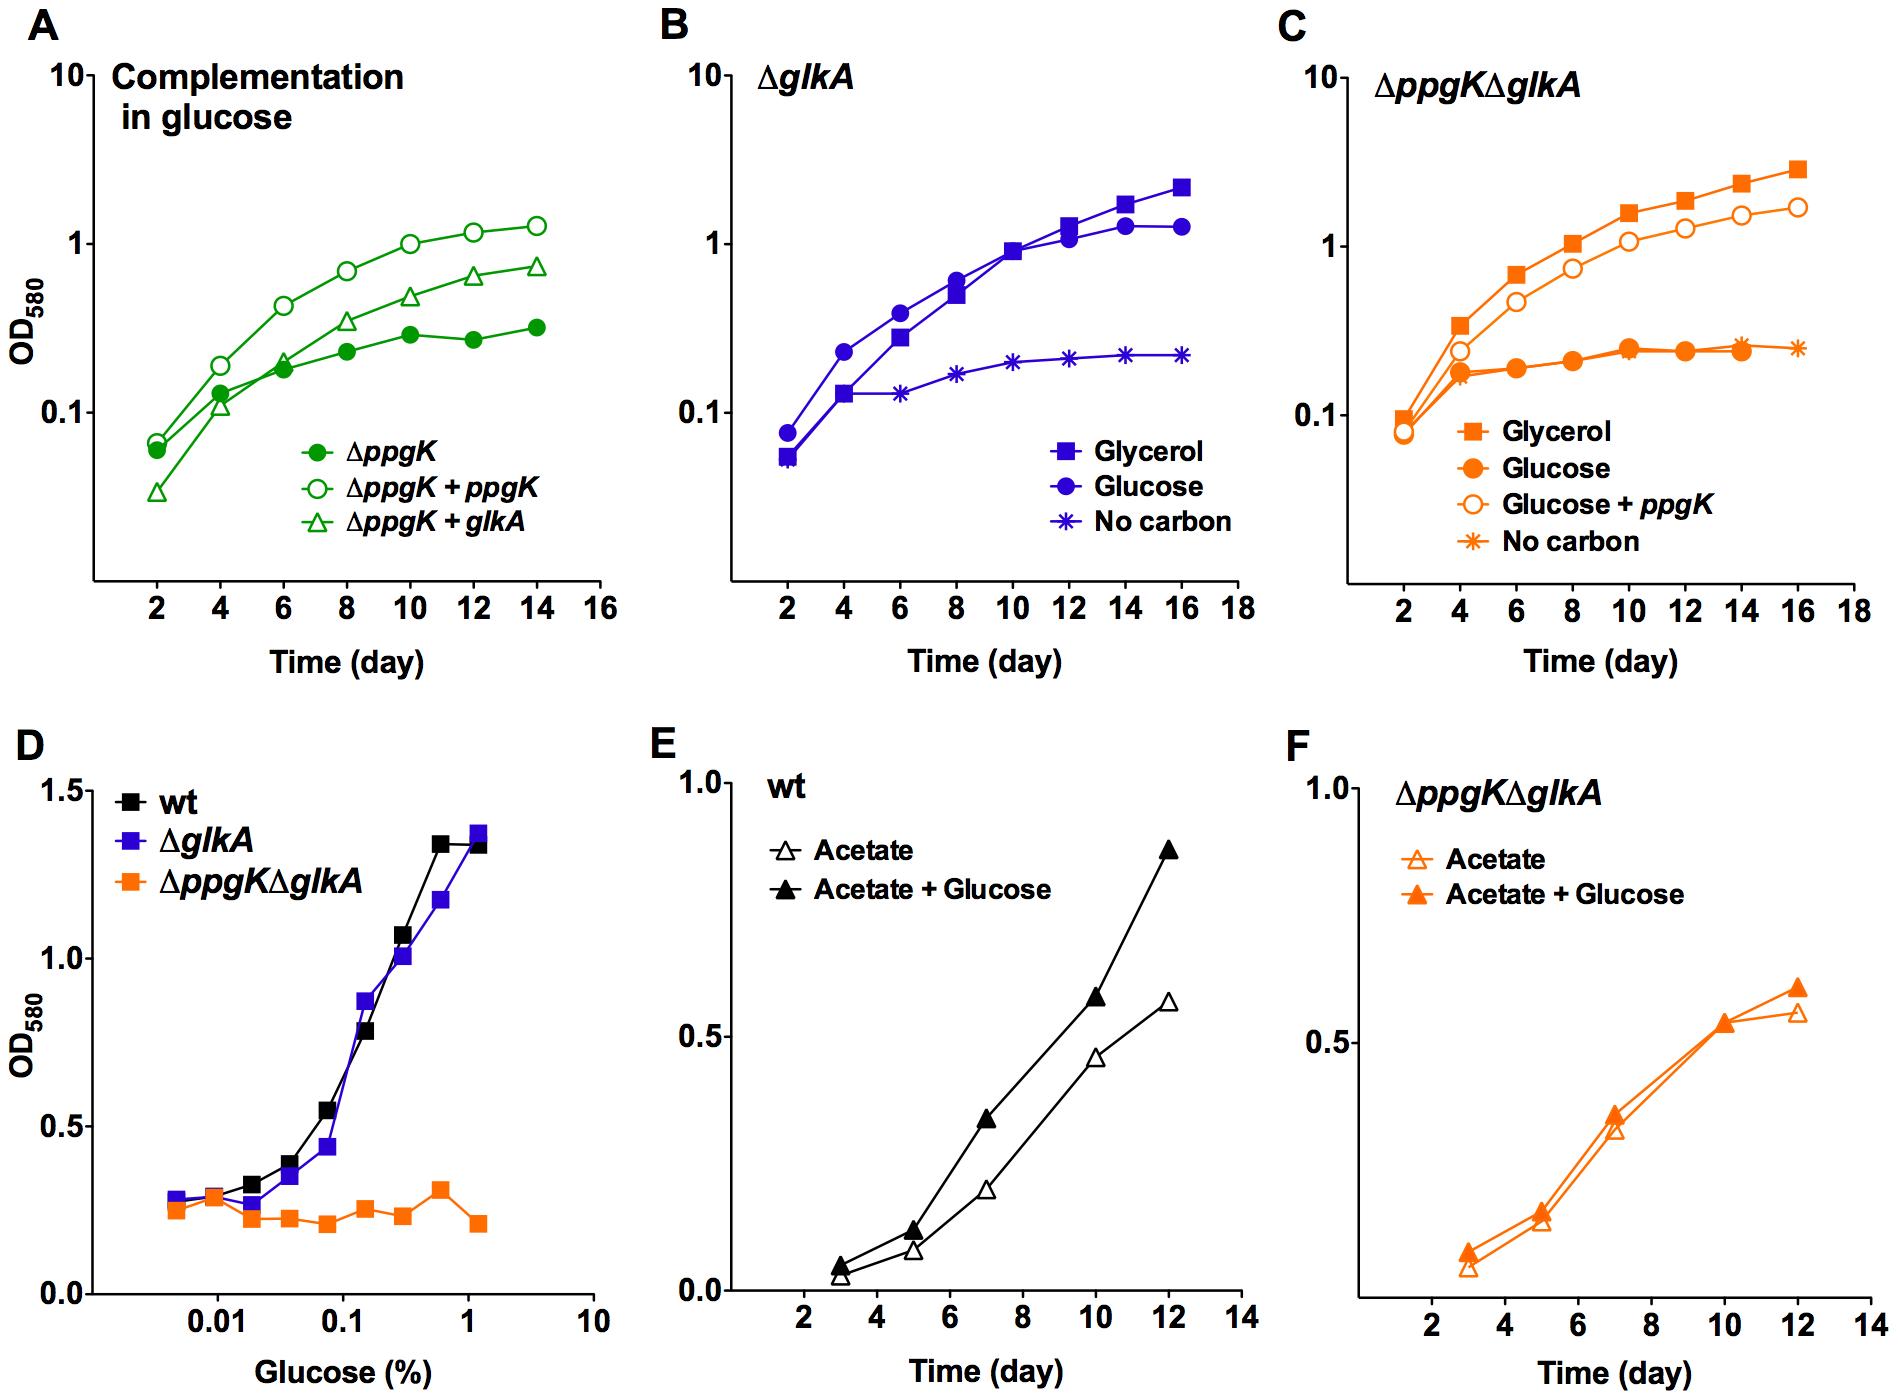 Rv0650 (GLKA) can mediate growth on glucose.